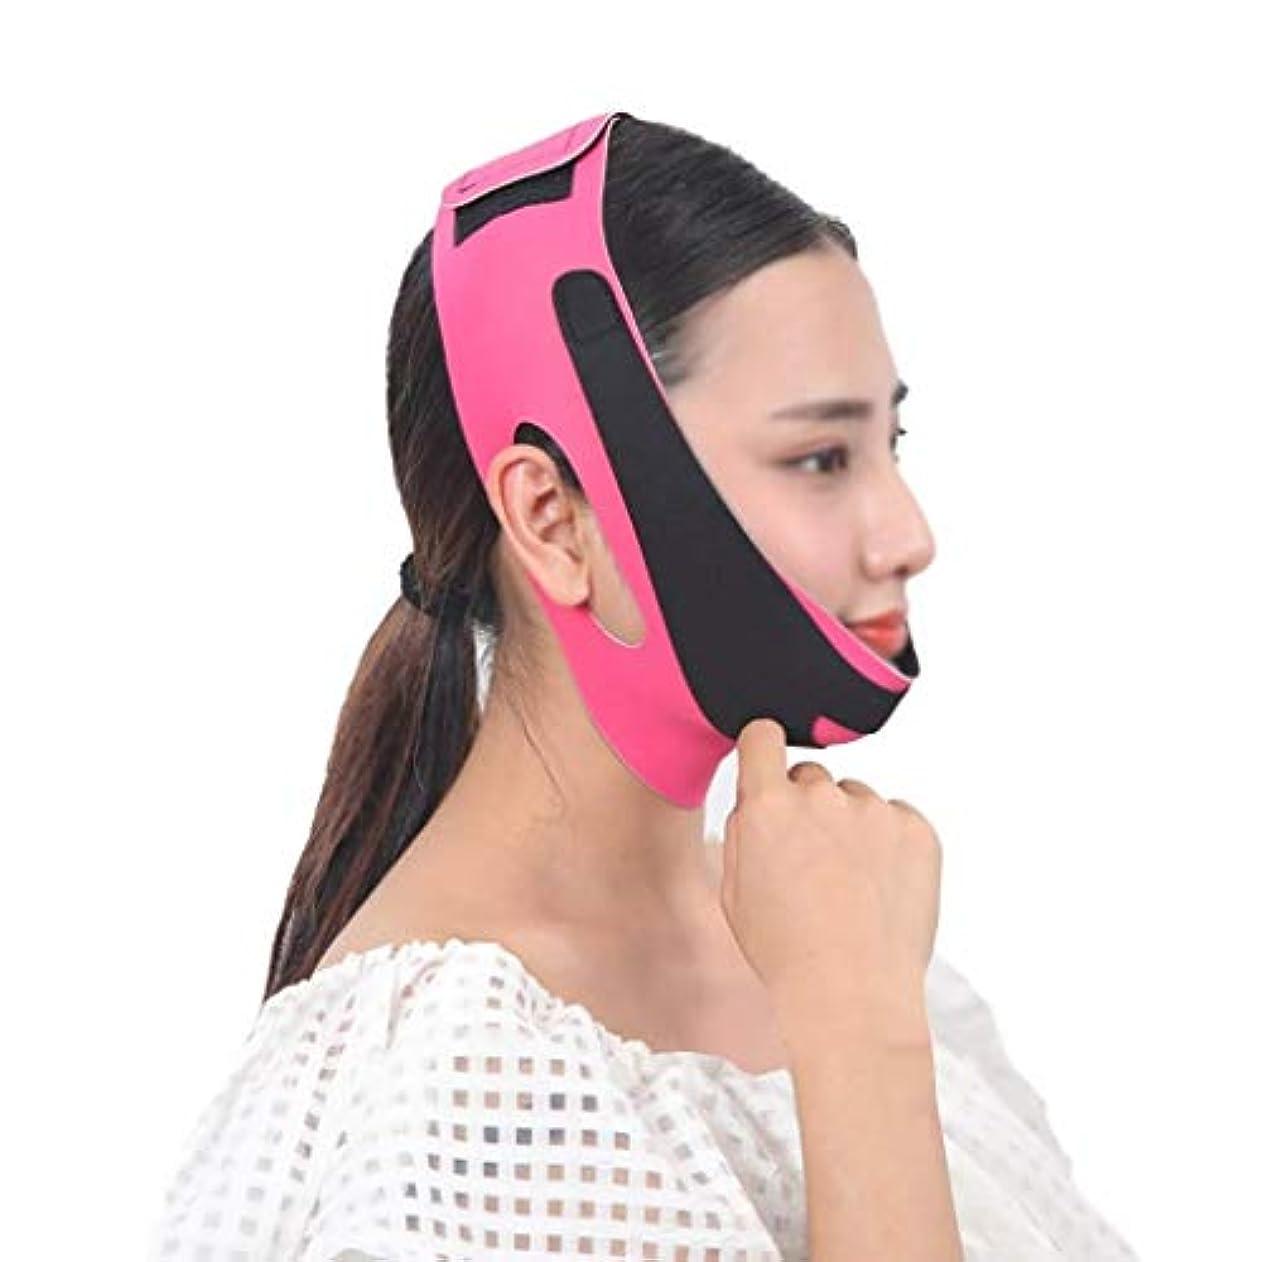 コンパスアンケート雪だるまフェイスアンドネックリフト術後弾性フェイスマスク小さなV顔アーティファクト薄い顔包帯アーティファクトV顔ぶら下げ耳リフティング引き締め薄い顔アーティファクト